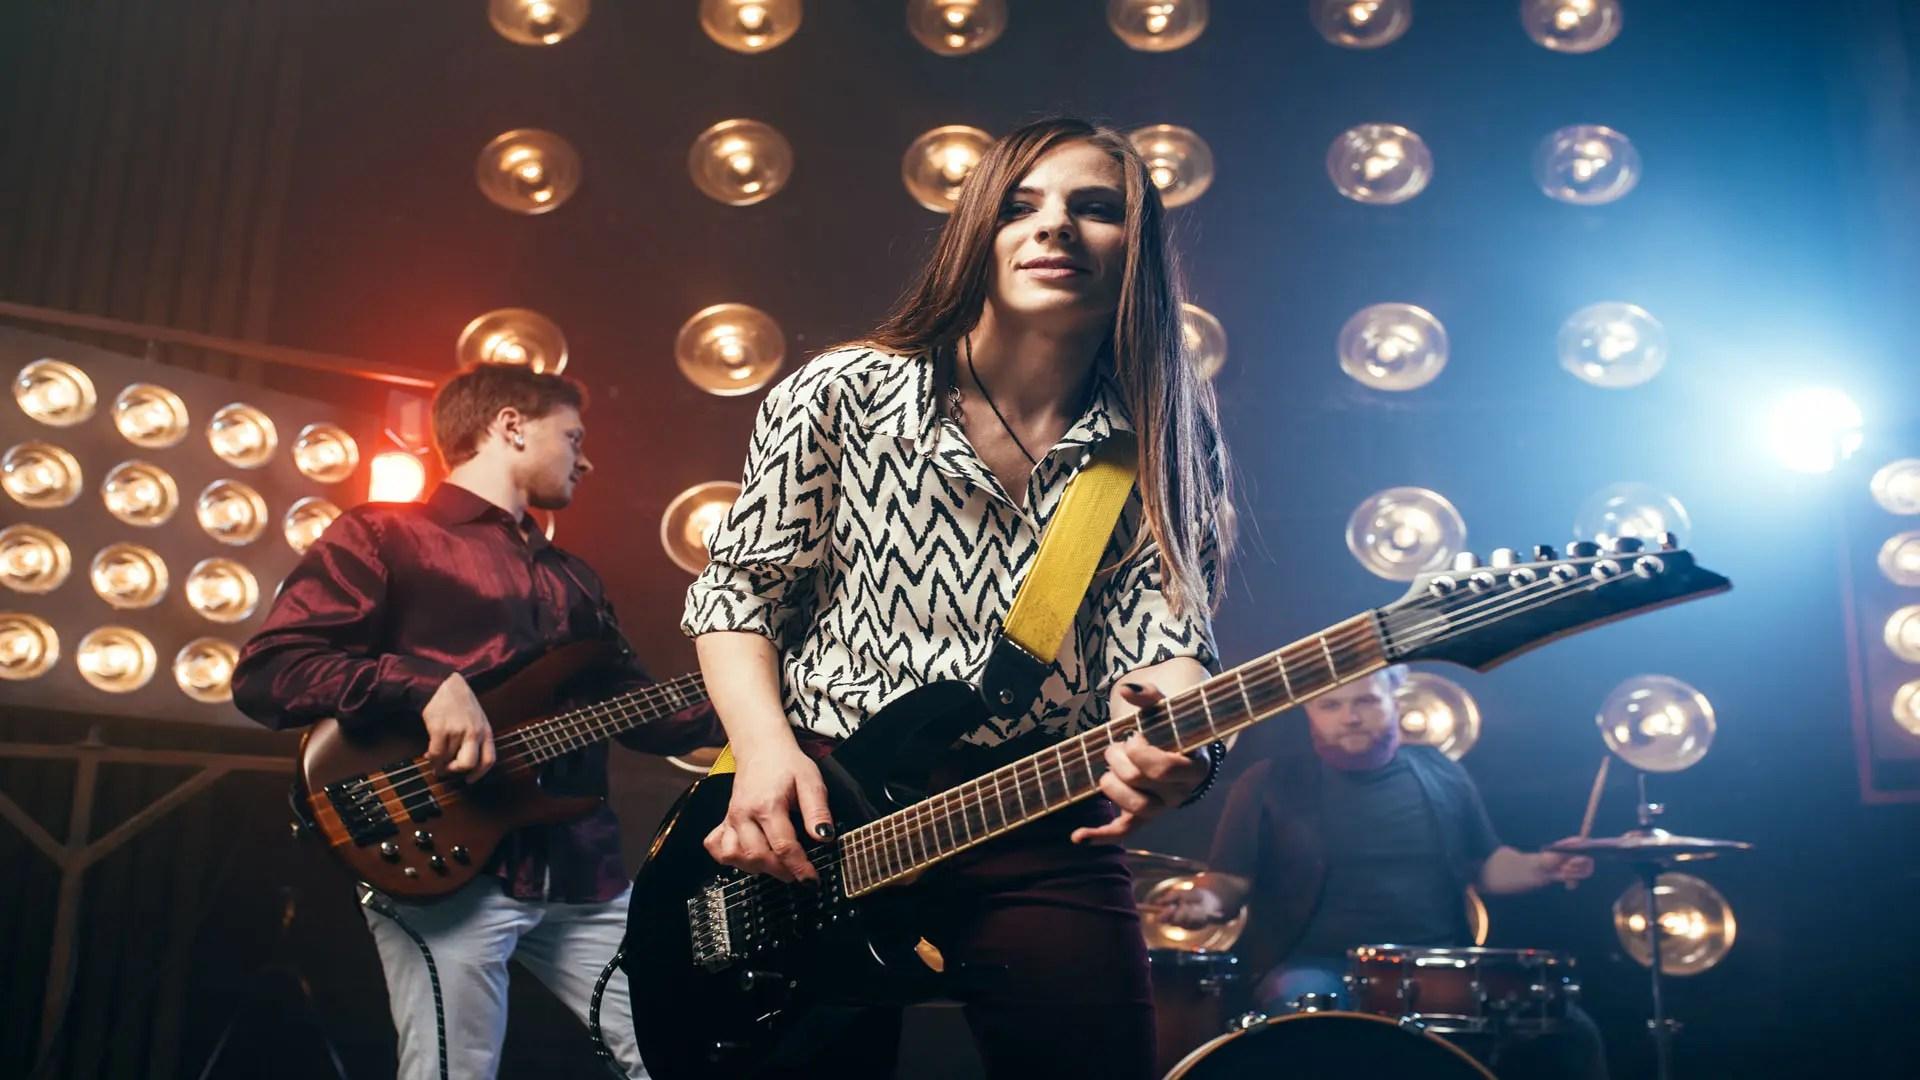 ¿Cómo pueden los músicos beneficiarse de la quiropráctica? El Paso, TX.